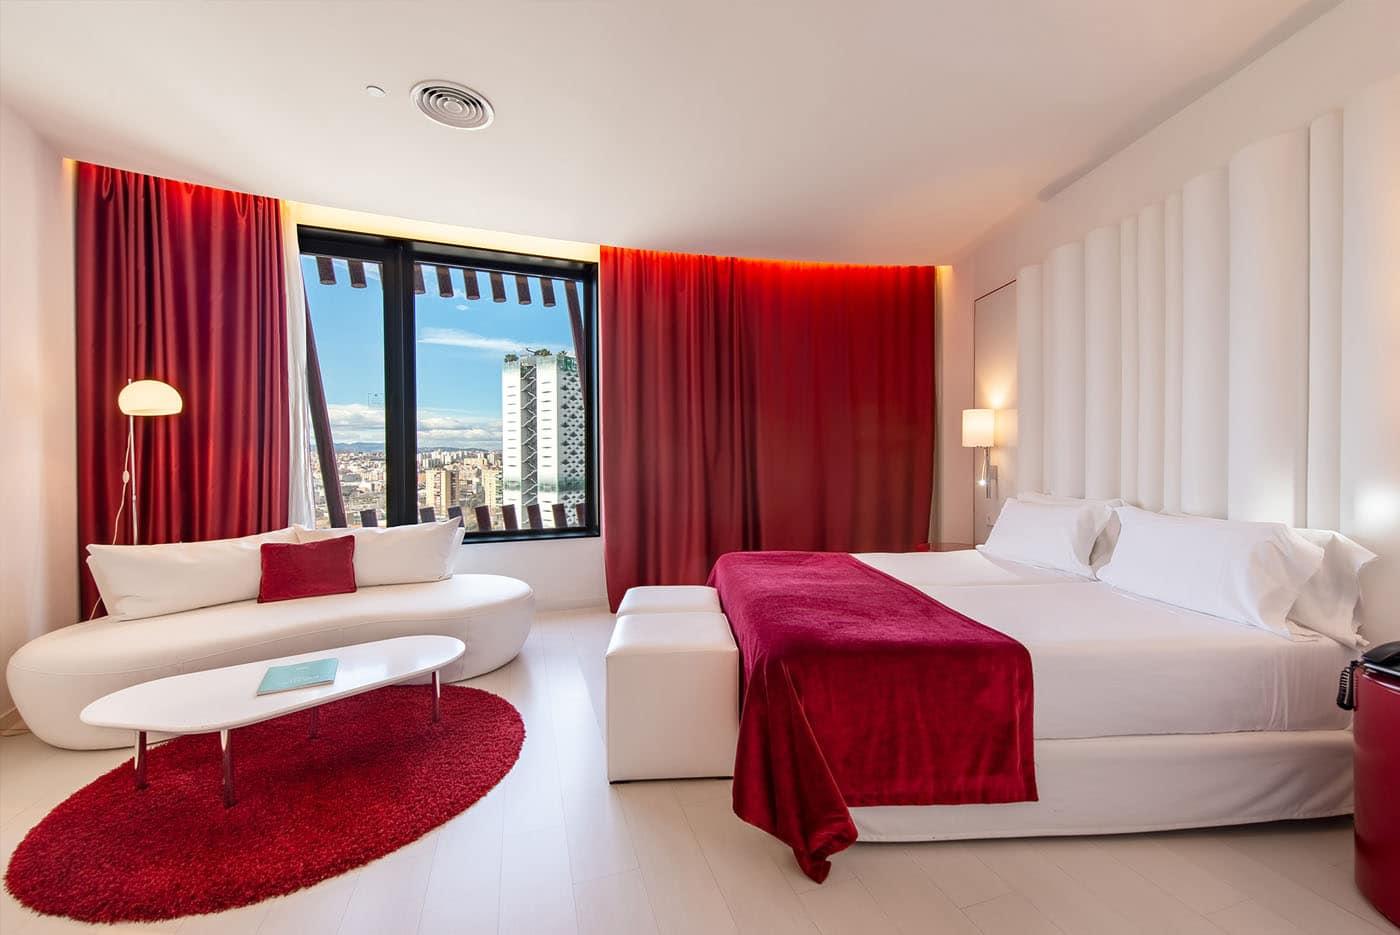 hotel-porta-fira-adolfo-gosalvez-hoteles-panoramicos